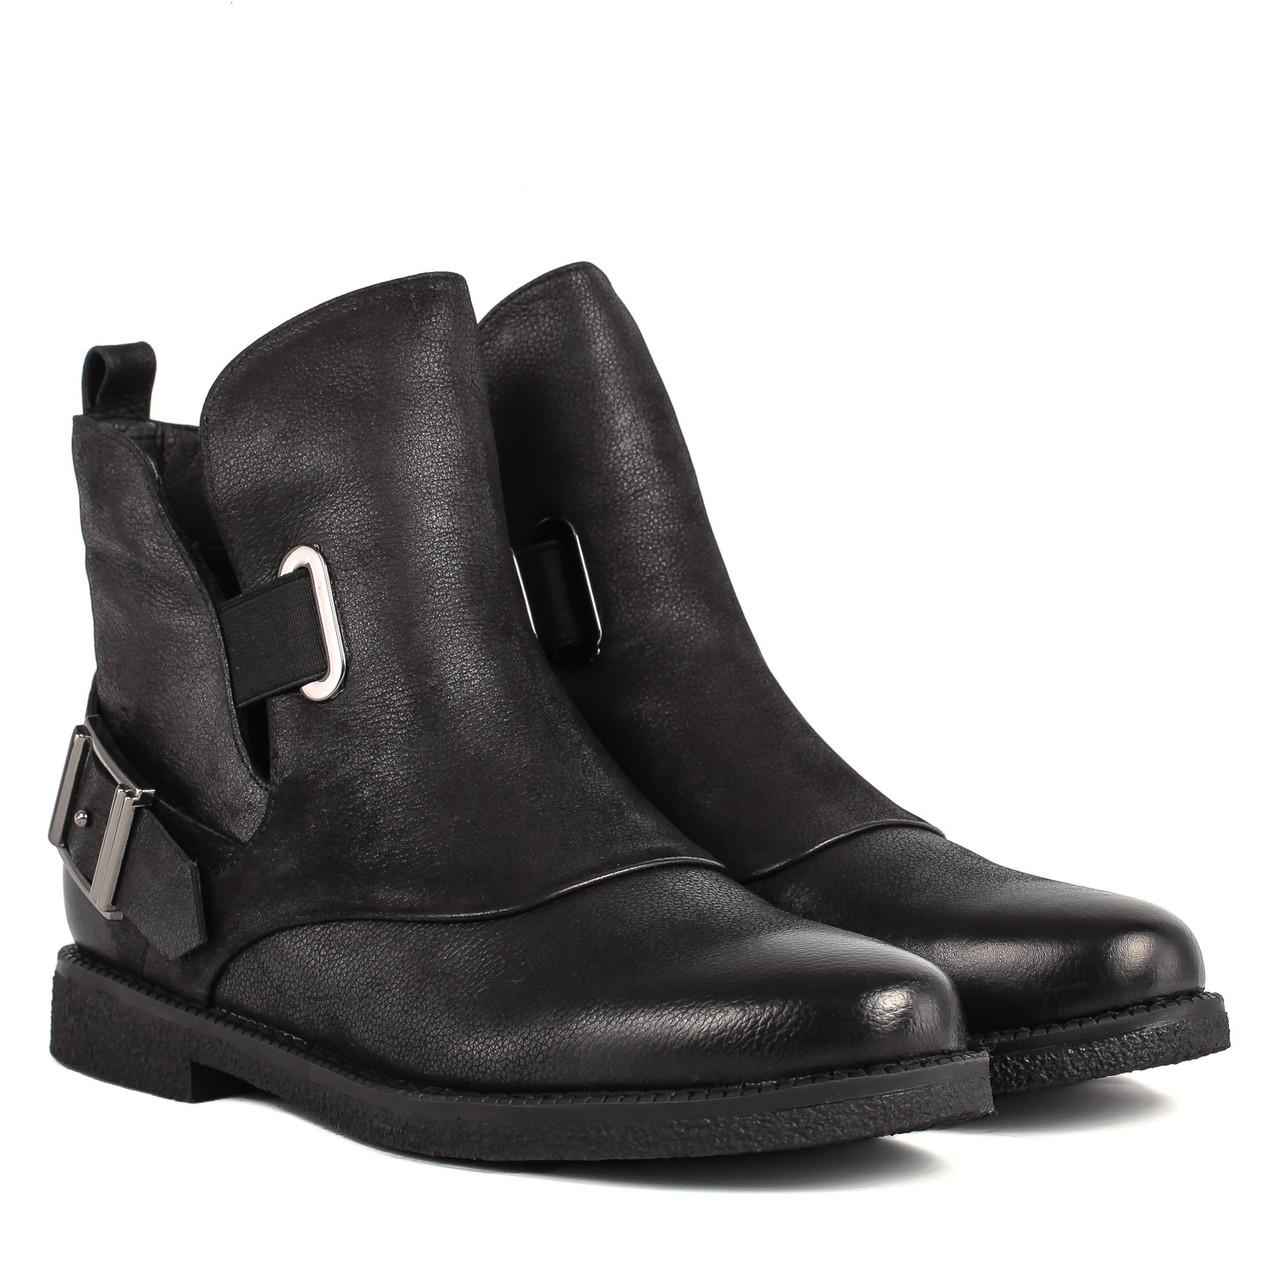 Ботинки женские Sufinna (черные, удобные, оригинальный дизайн)